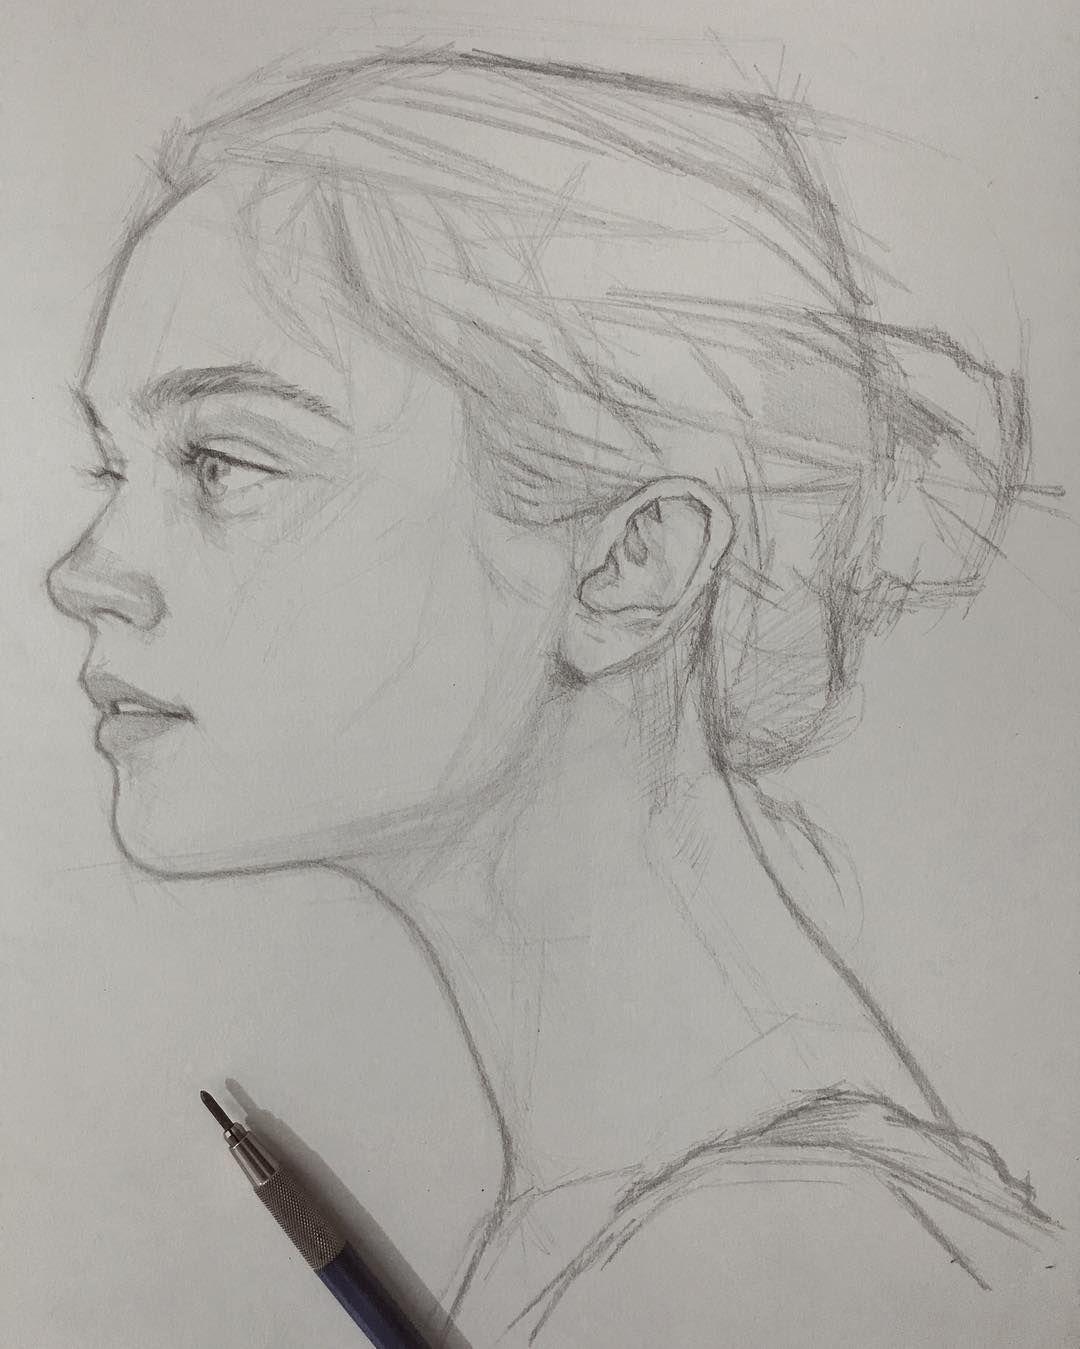 Drawings, Art, Pencil Drawings